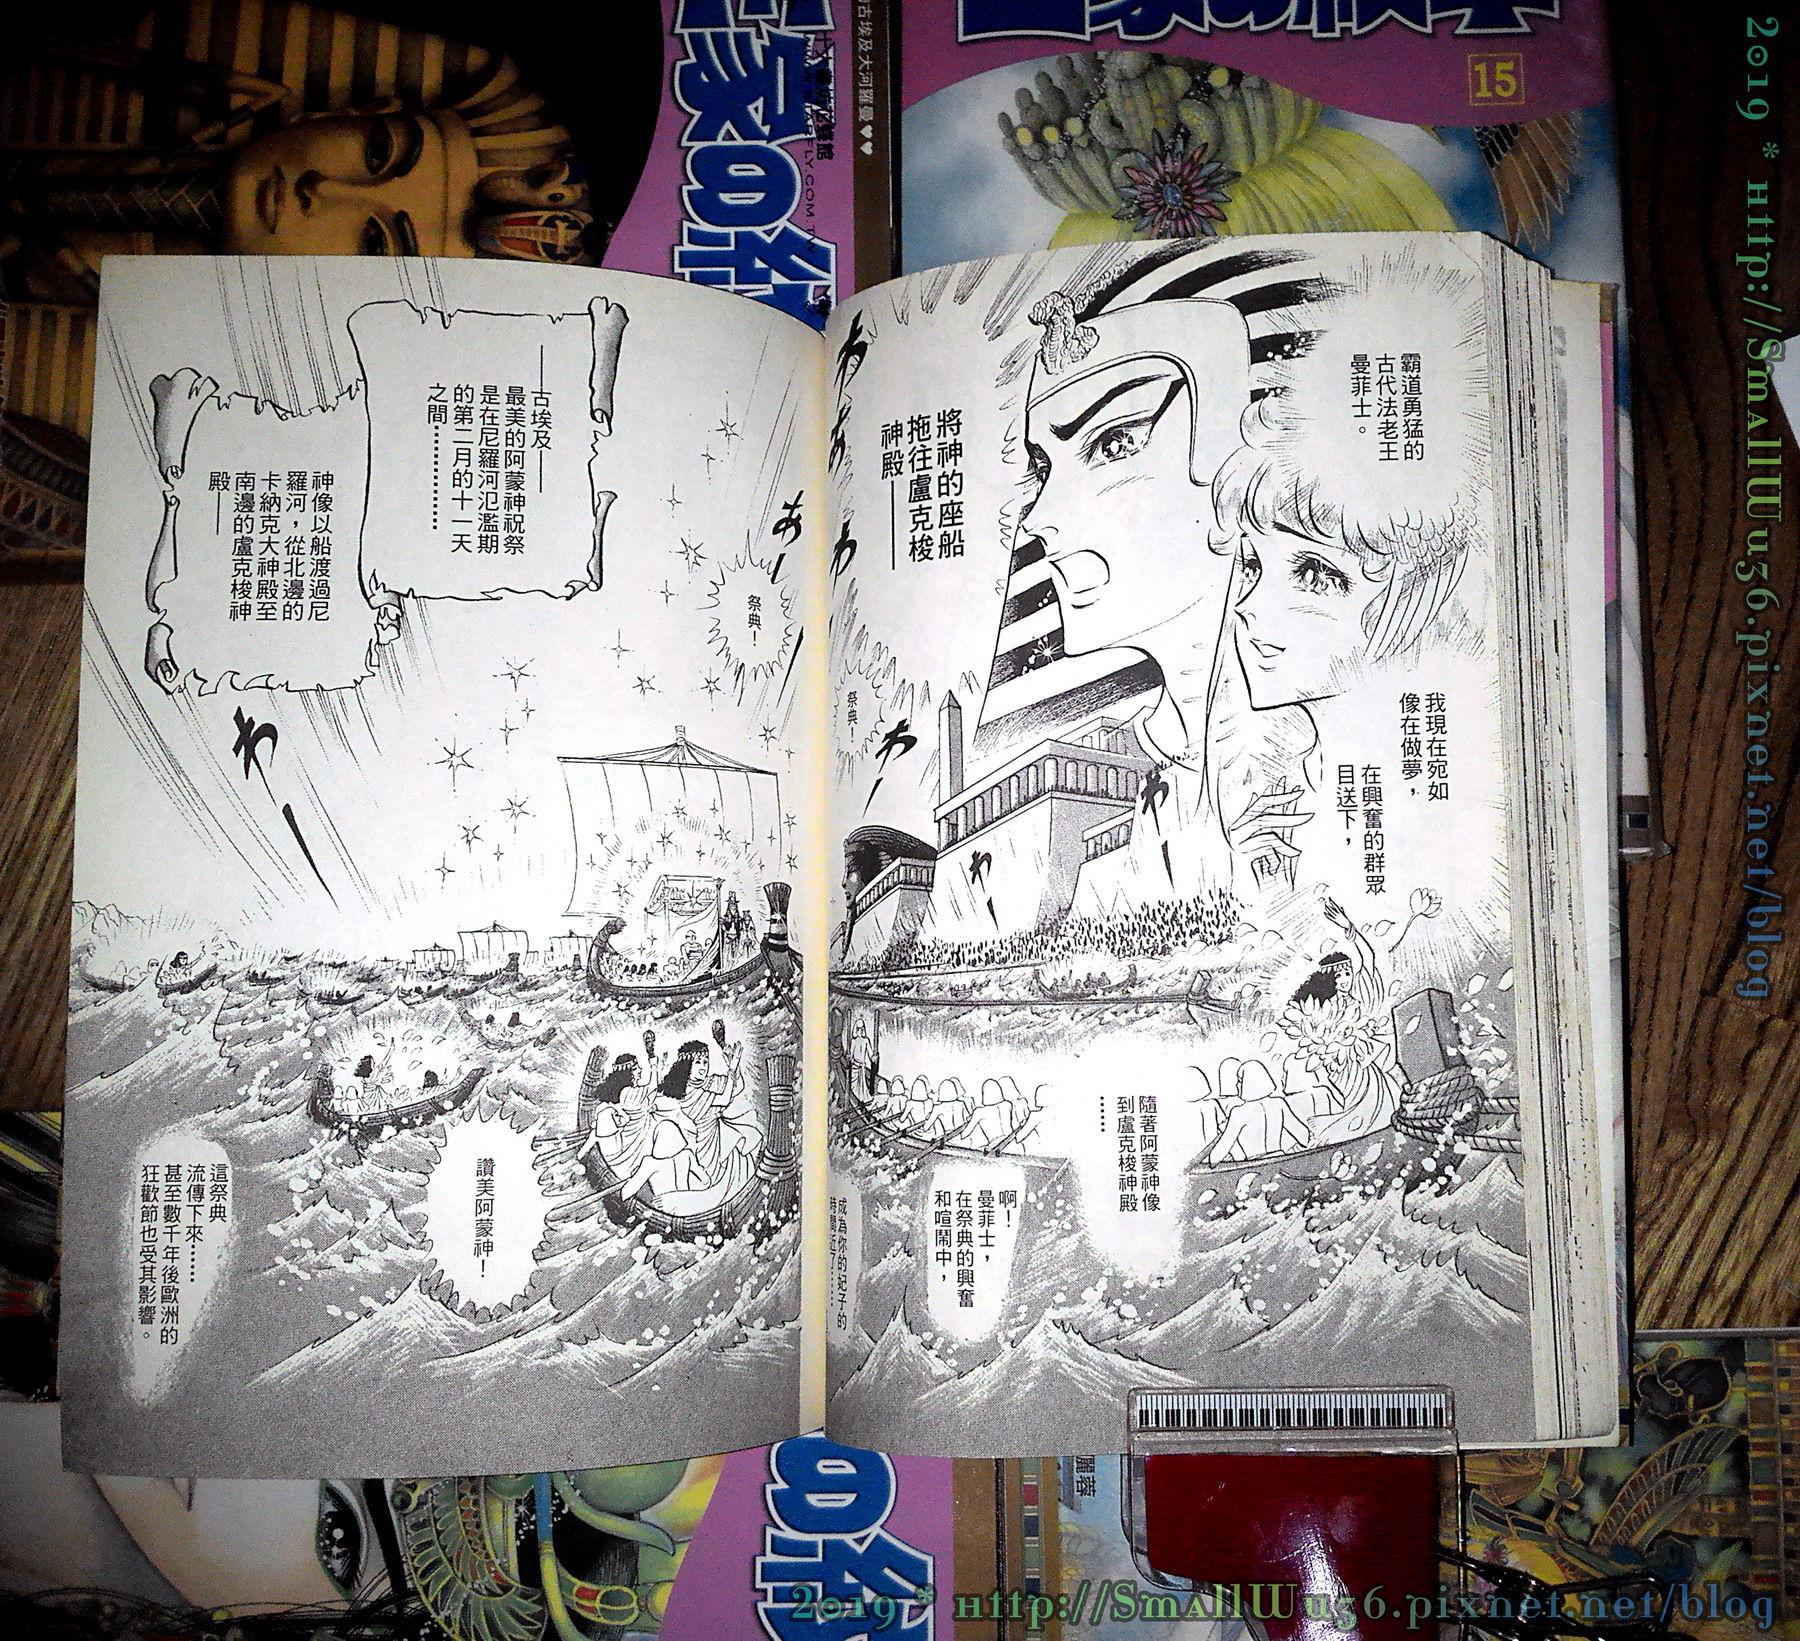 細川智榮子-王家的紋章(尼羅河女兒) 4-24 (長鴻)  vol_13.jpg